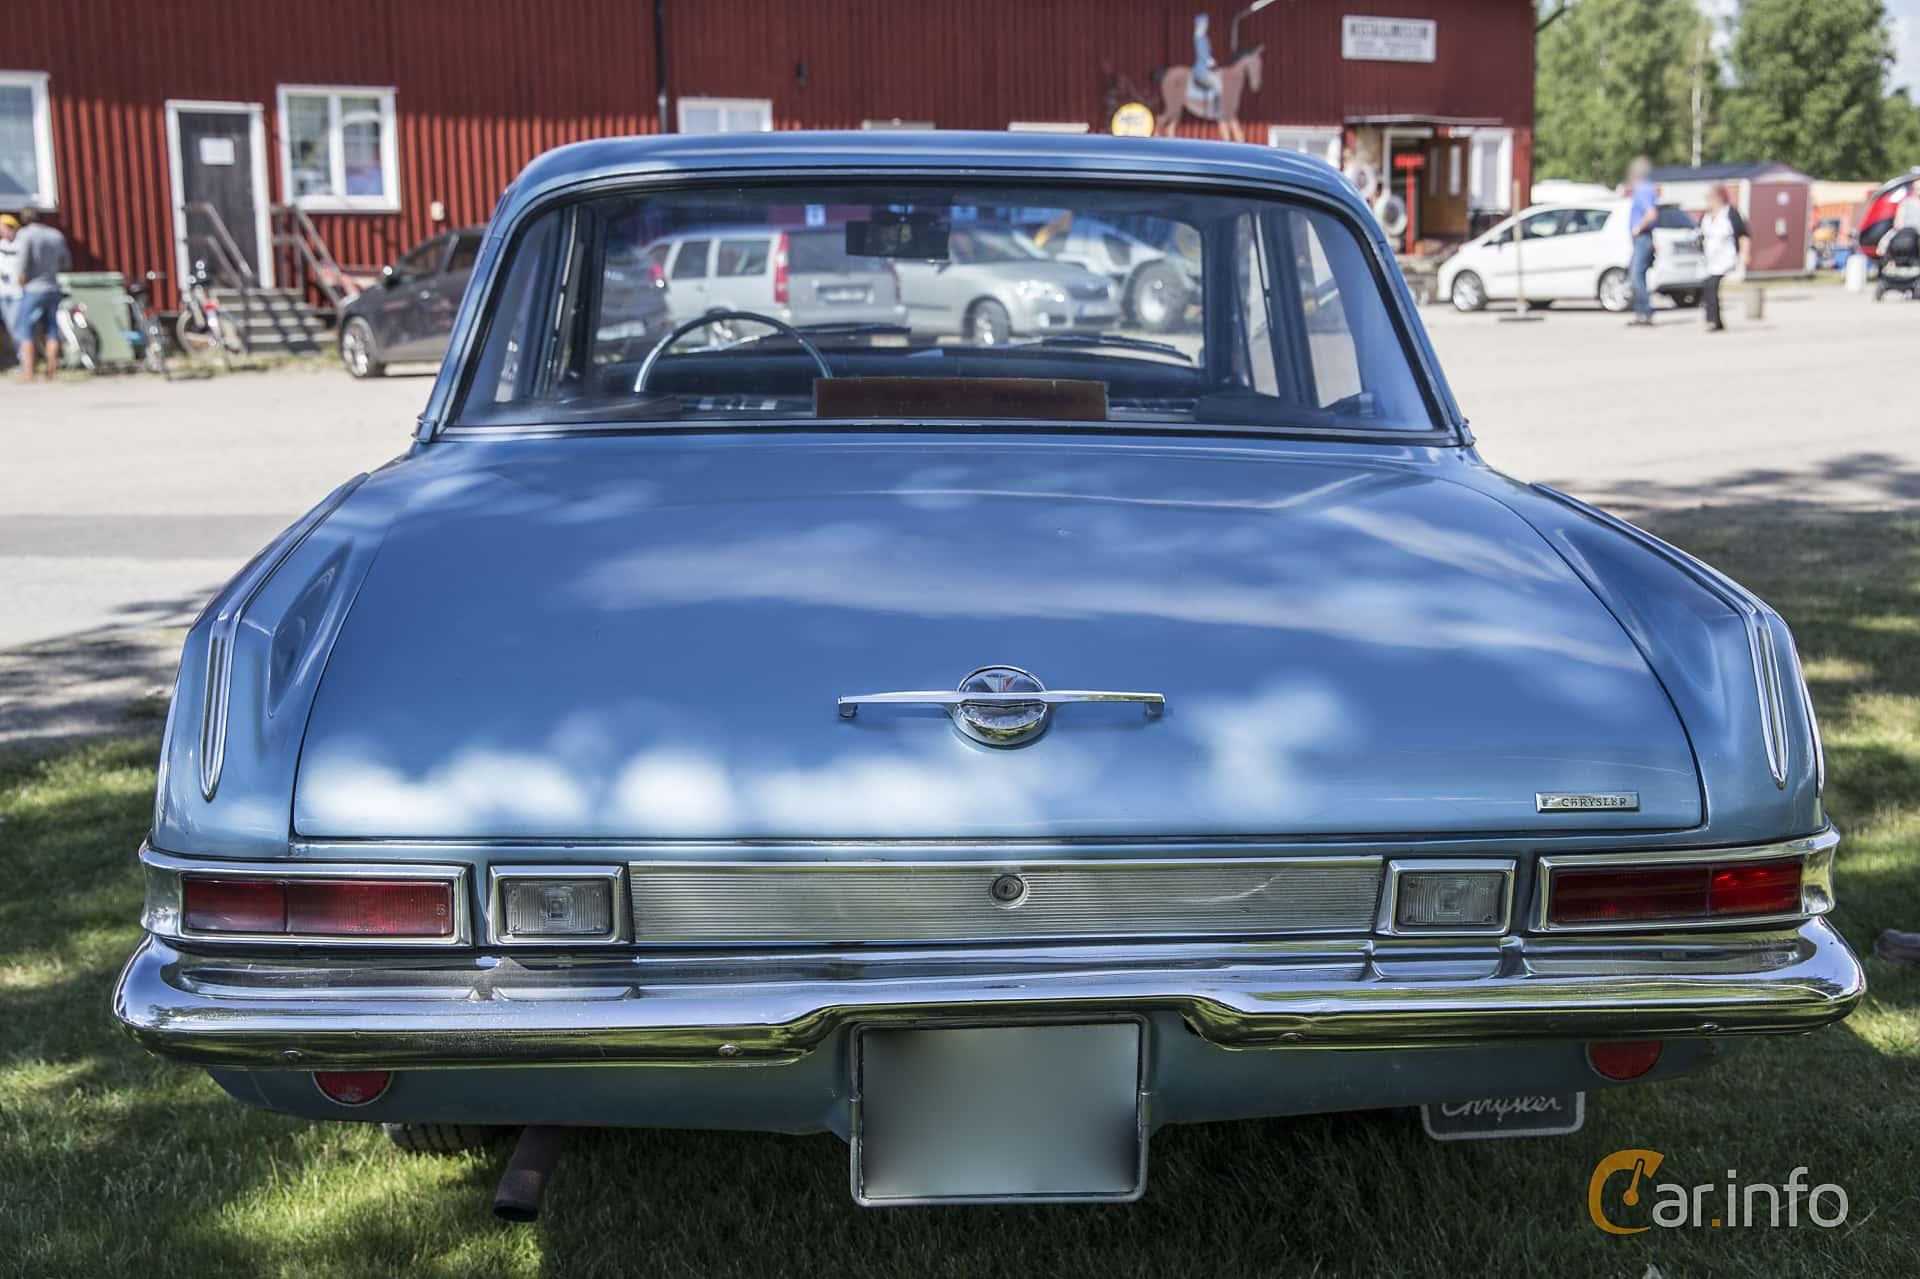 Plymouth Valiant Sedan 2.8 Manual, 102hp, 1963 at Nostalgifestivalen i Vårgårda 2016